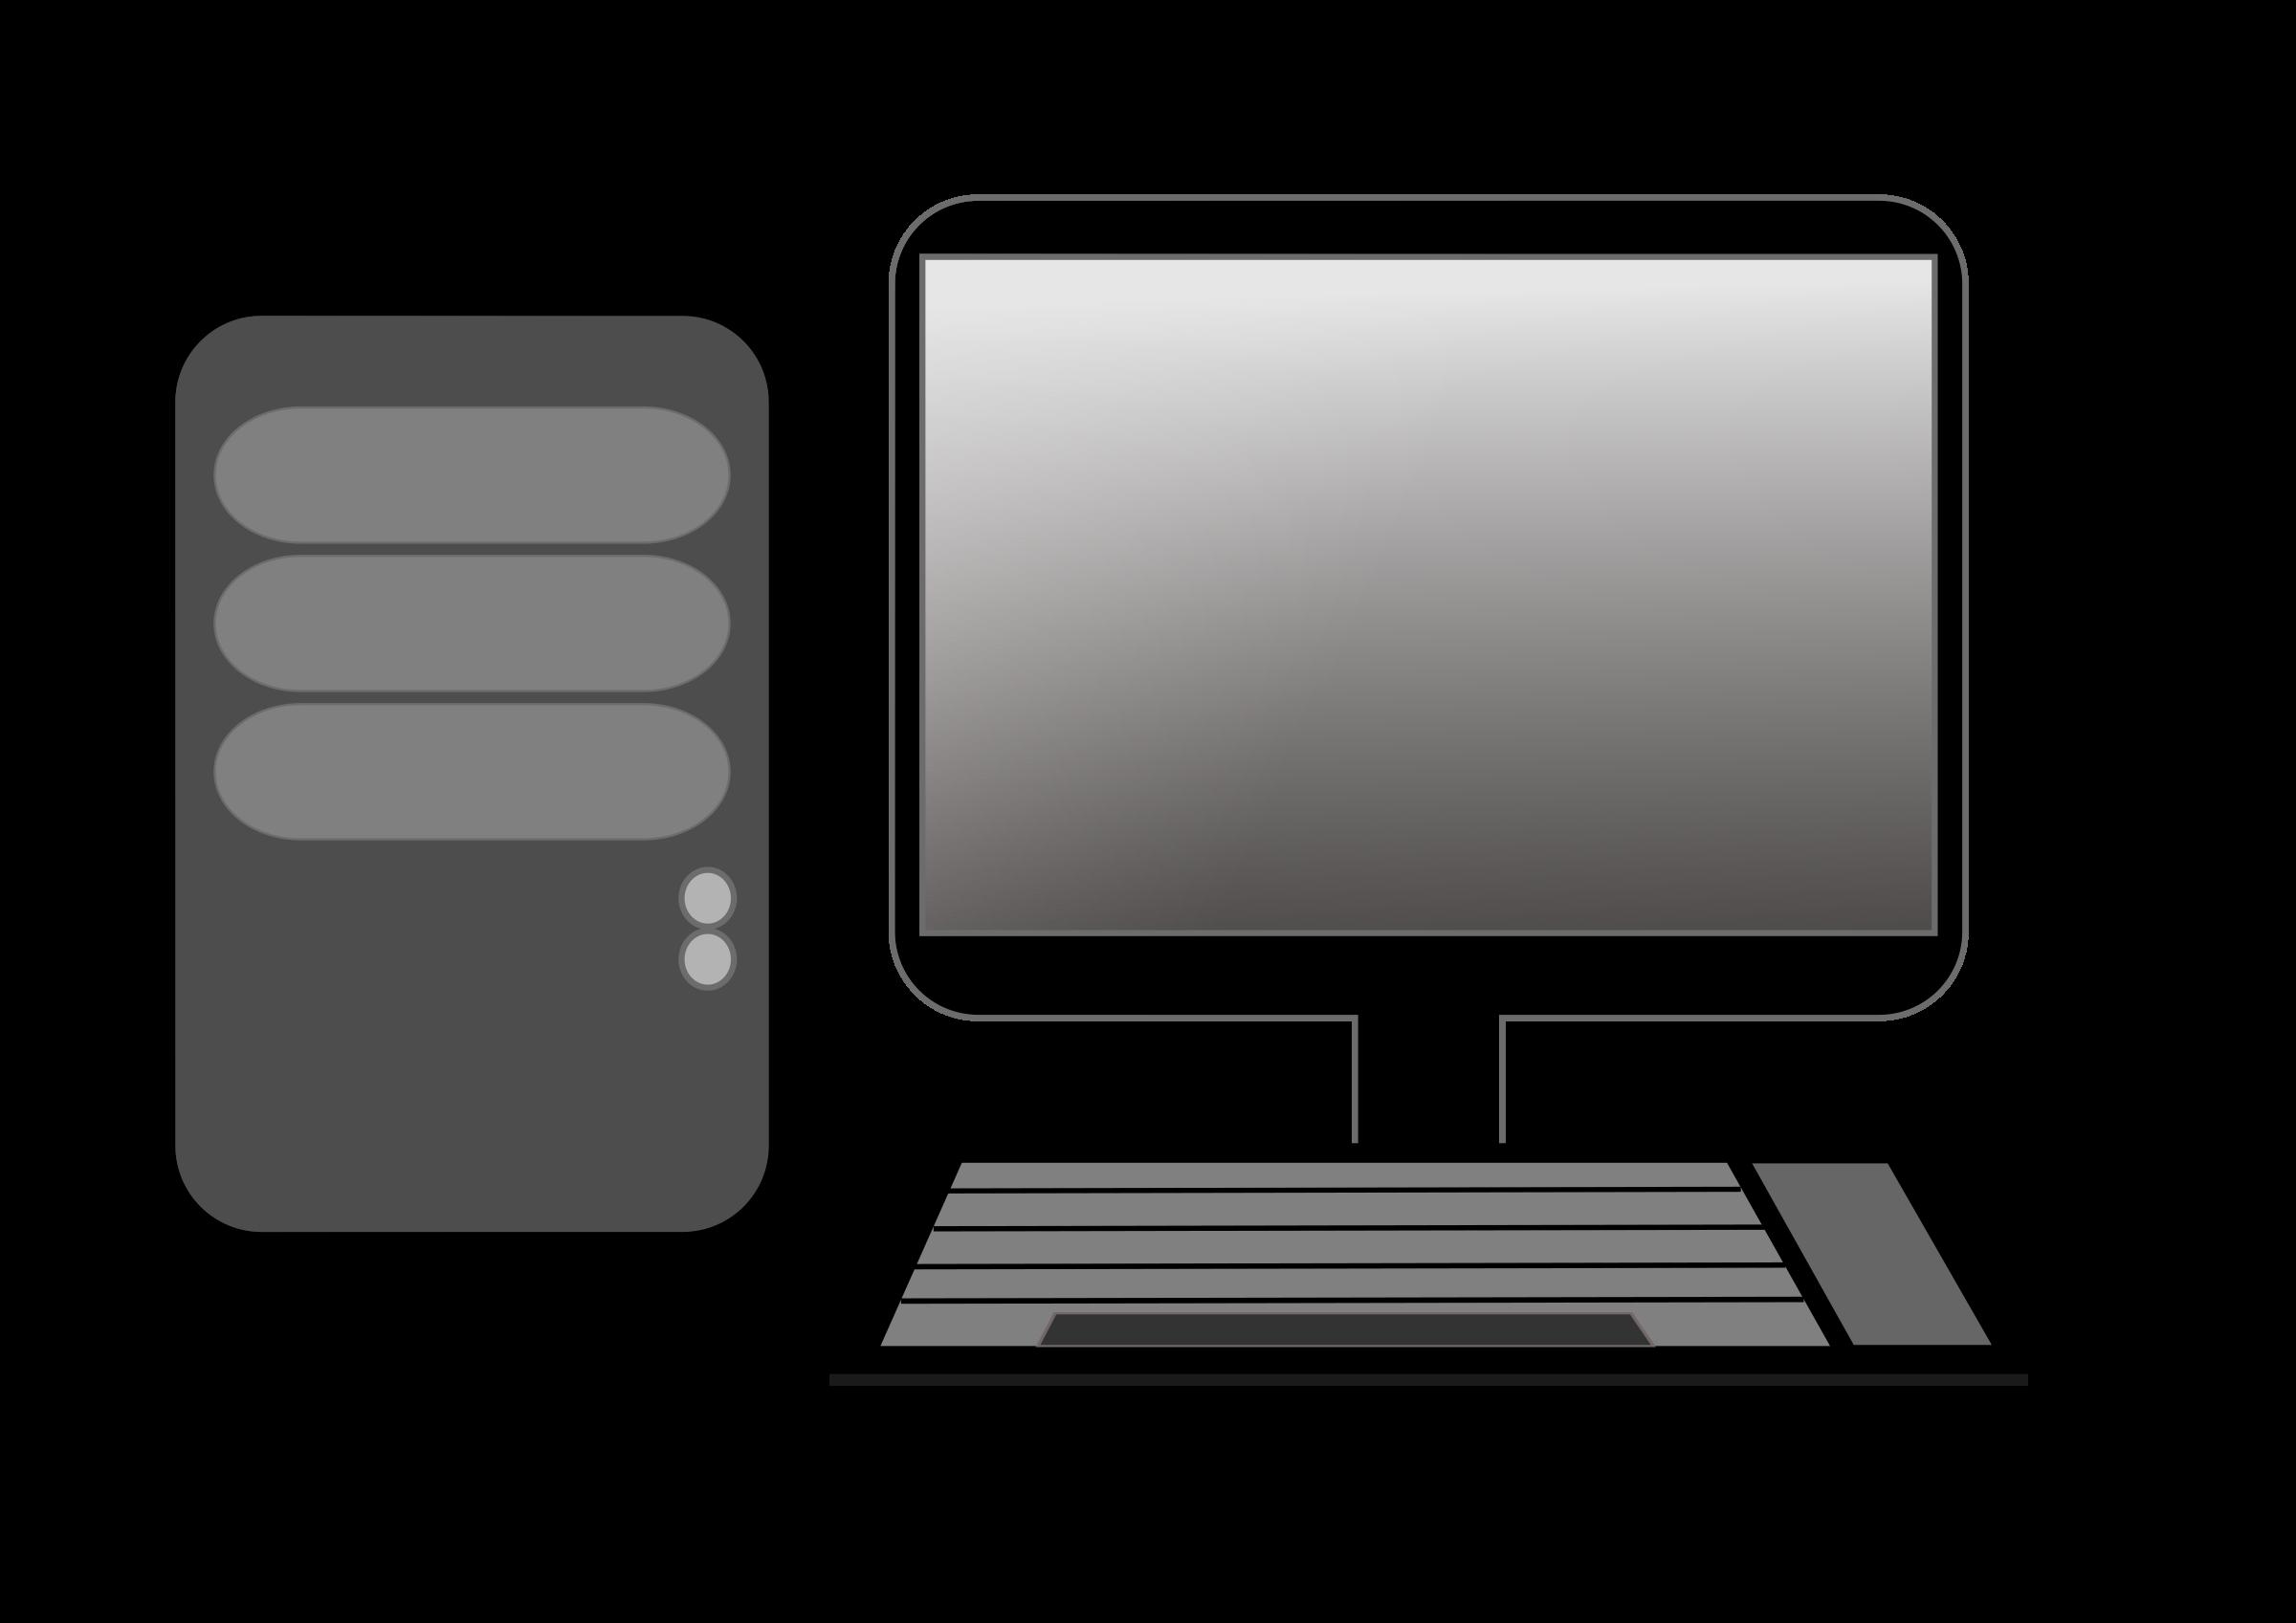 Clipart computer desktop computer. Big image png